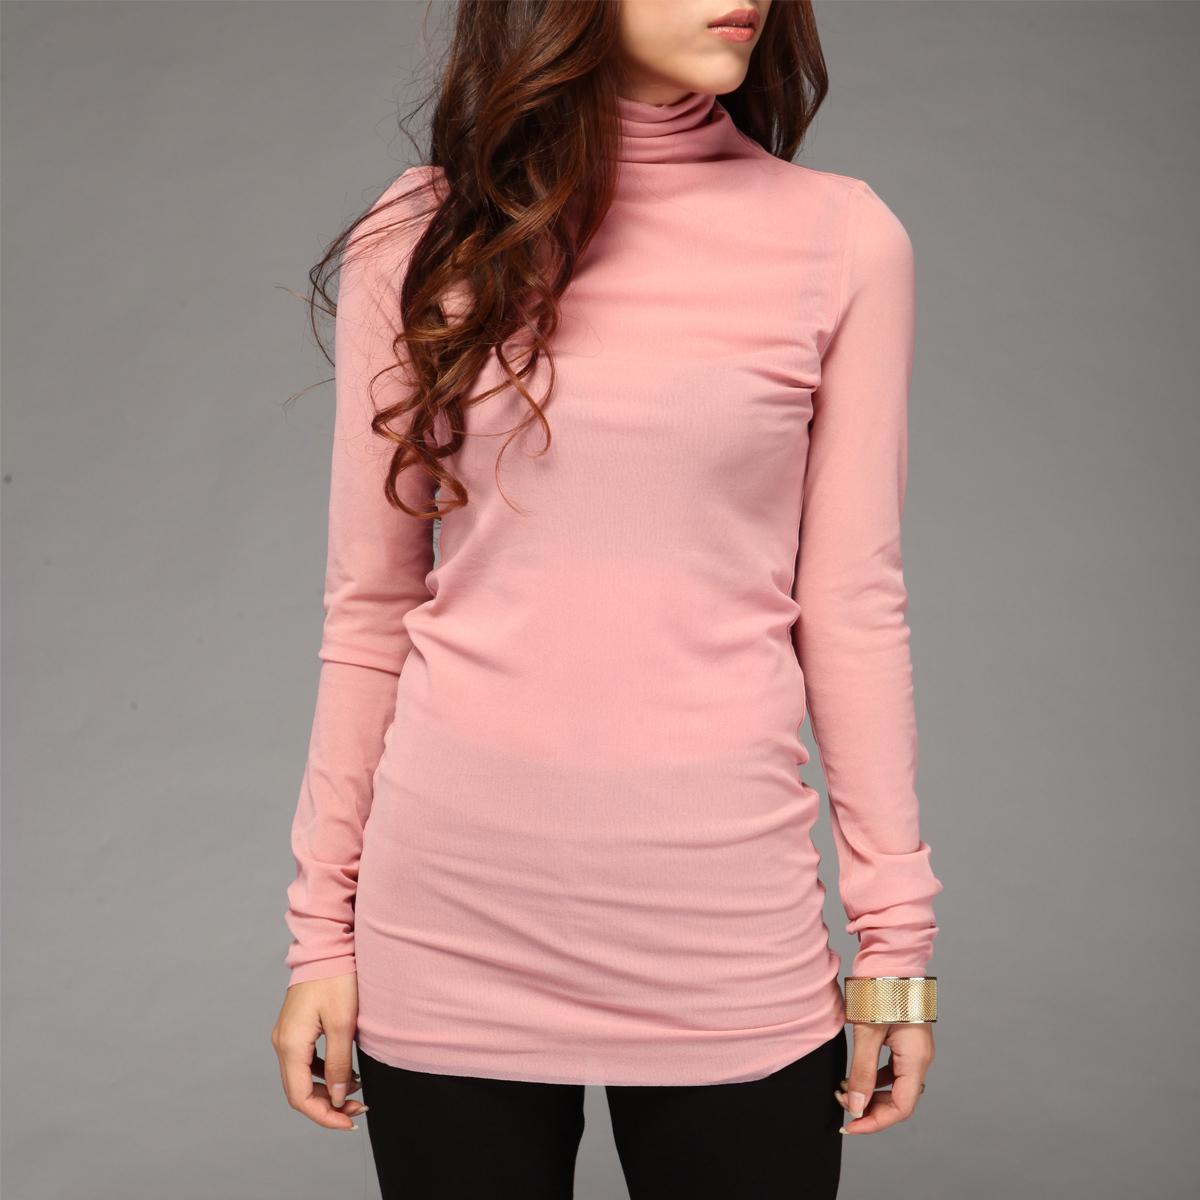 特价2014新款粉红色长袖高领衫堆领百搭打底衫女 贴身舒适版